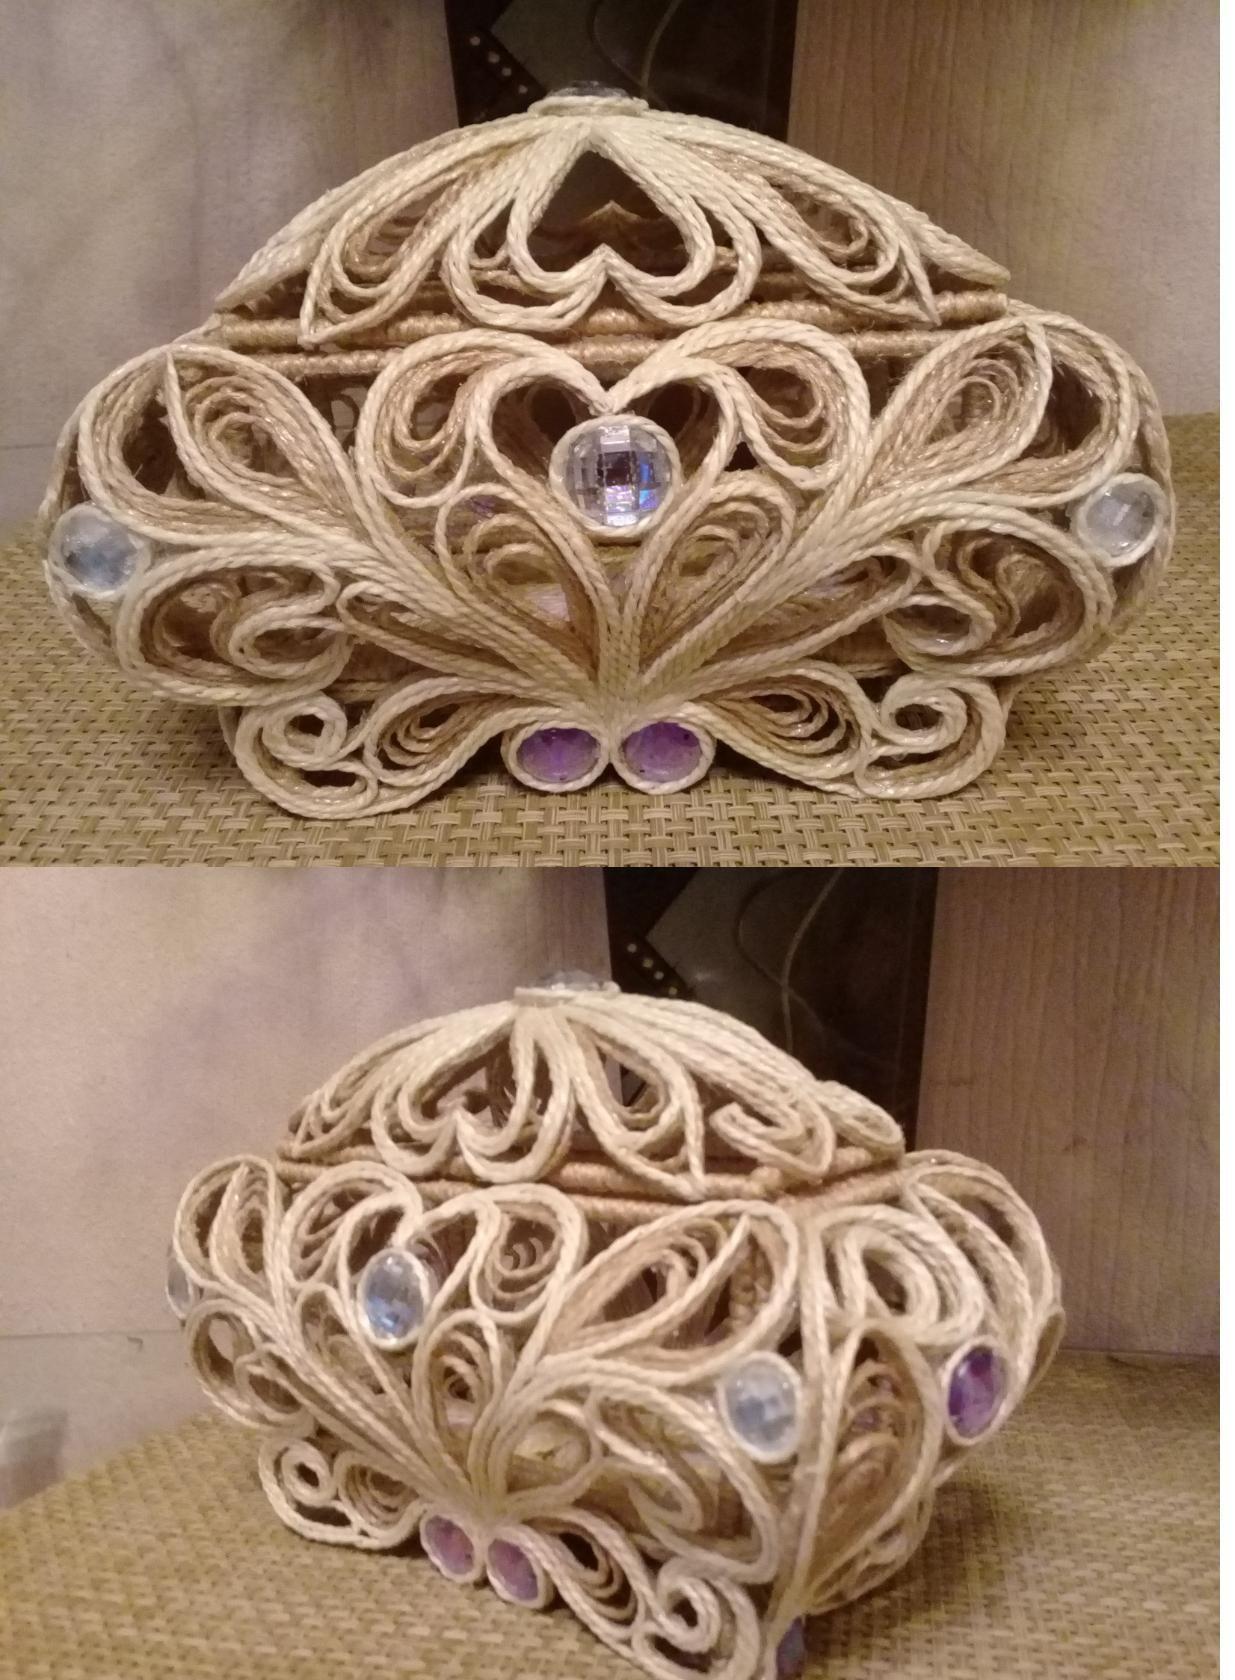 Поделки из шпагата своими руками (69 фото) - пошаговые мастер-классы по изготовлению вазы, корзинки, цветов и венка